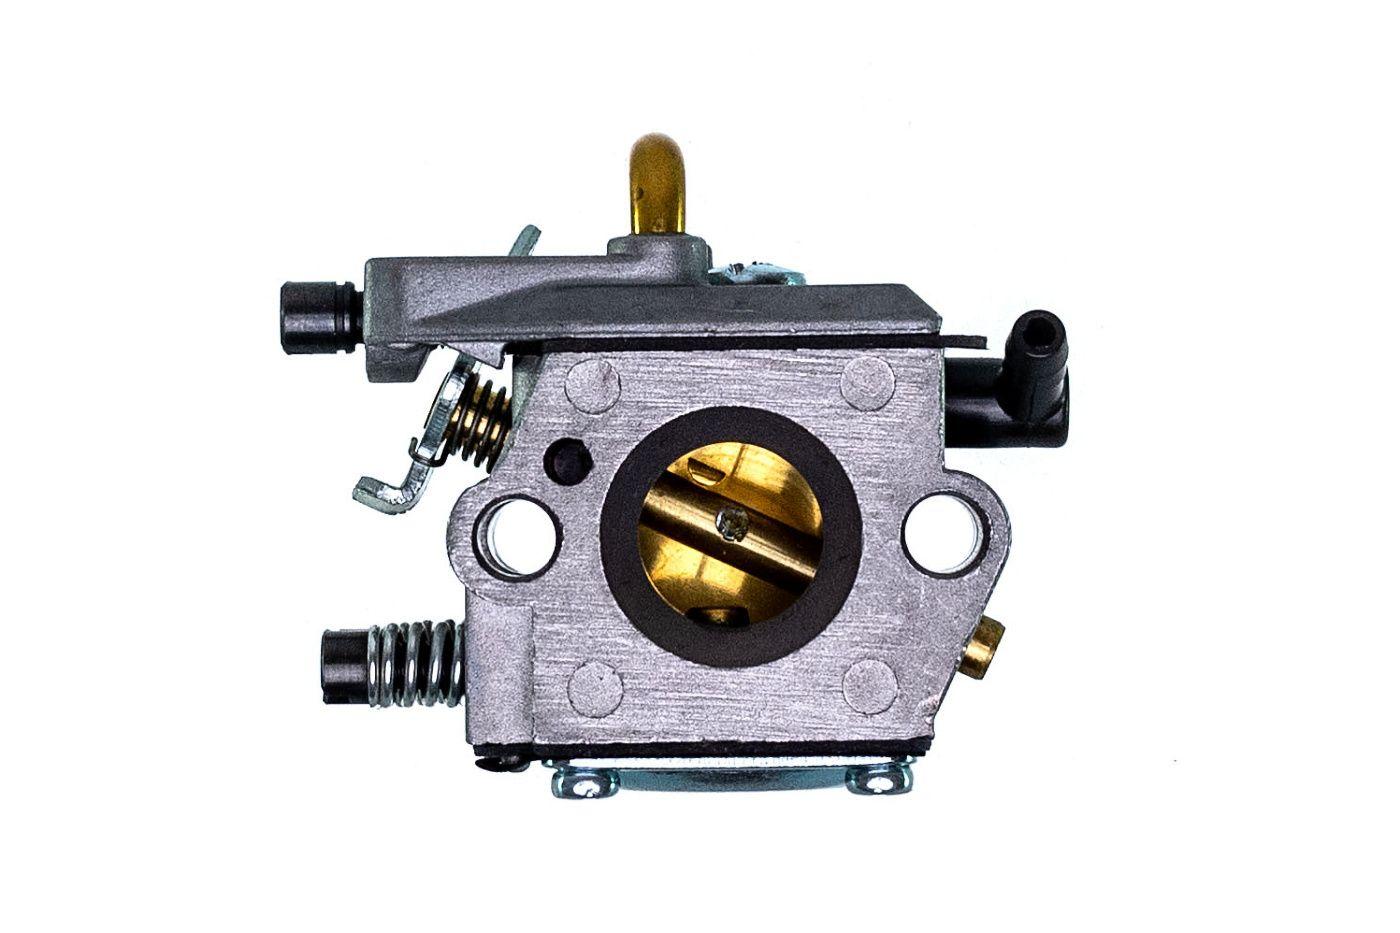 Karburátor Stihl MS240 MS260 024 026 (1121 120 0611)